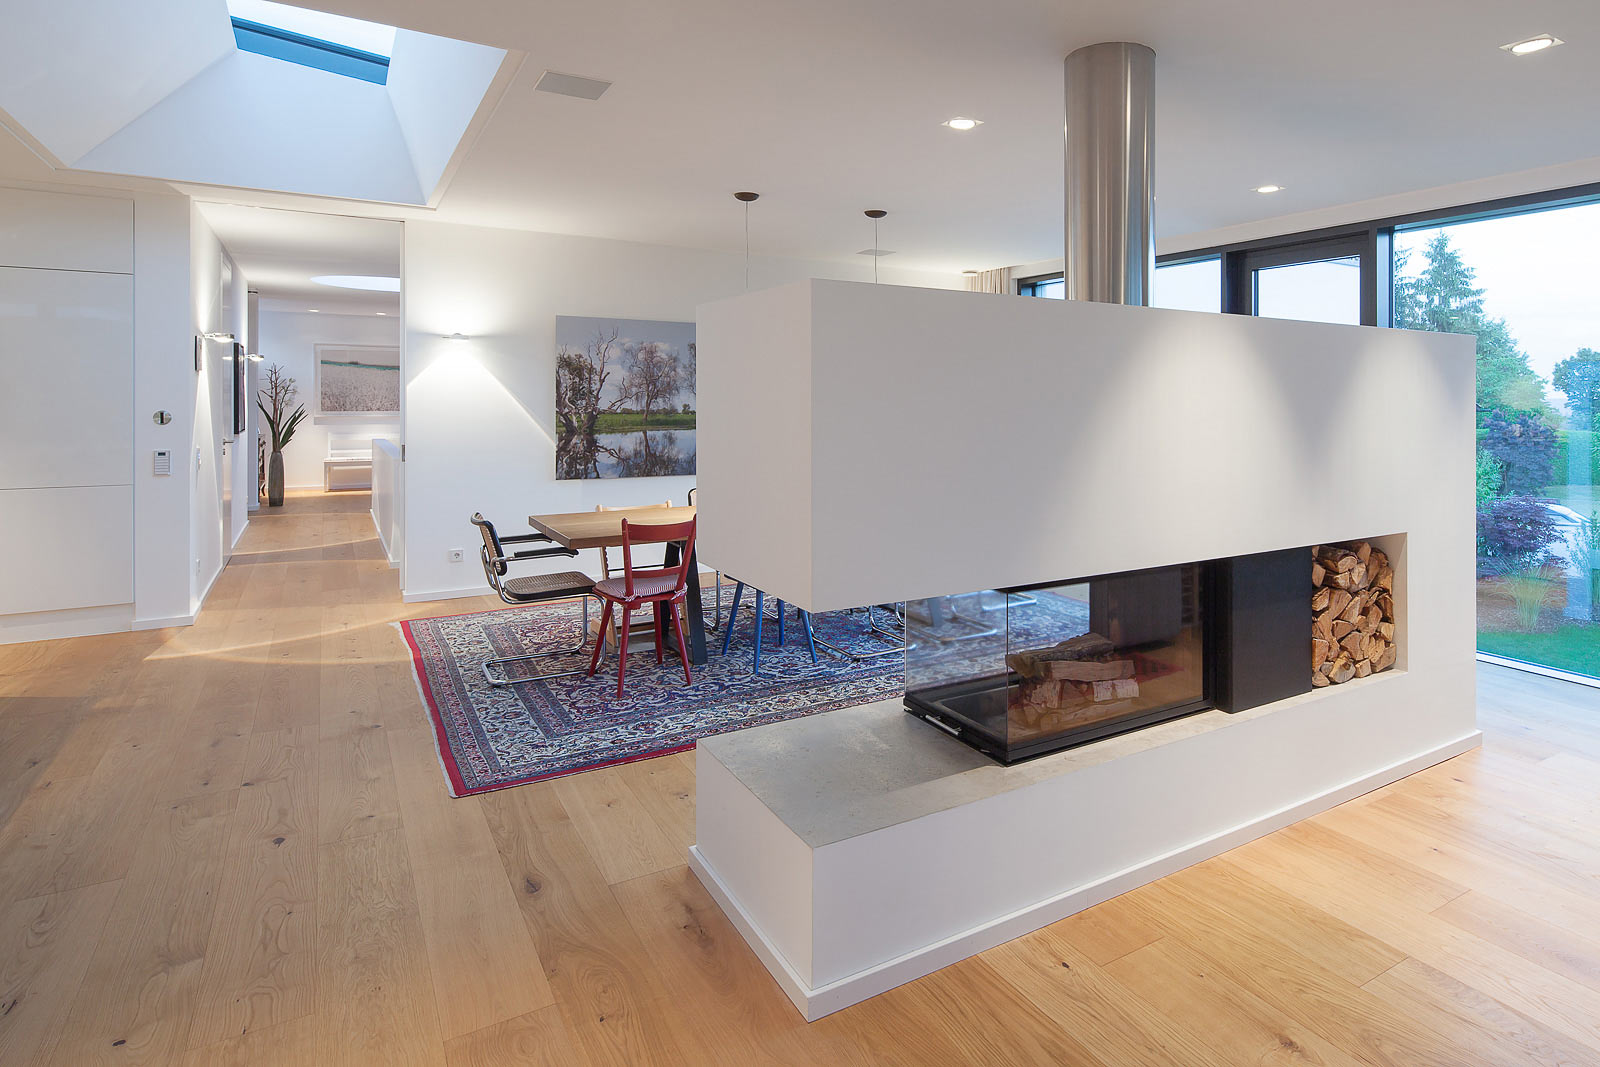 Architektur Fotograf Einfamilienhaus, Wohnbereich photographie